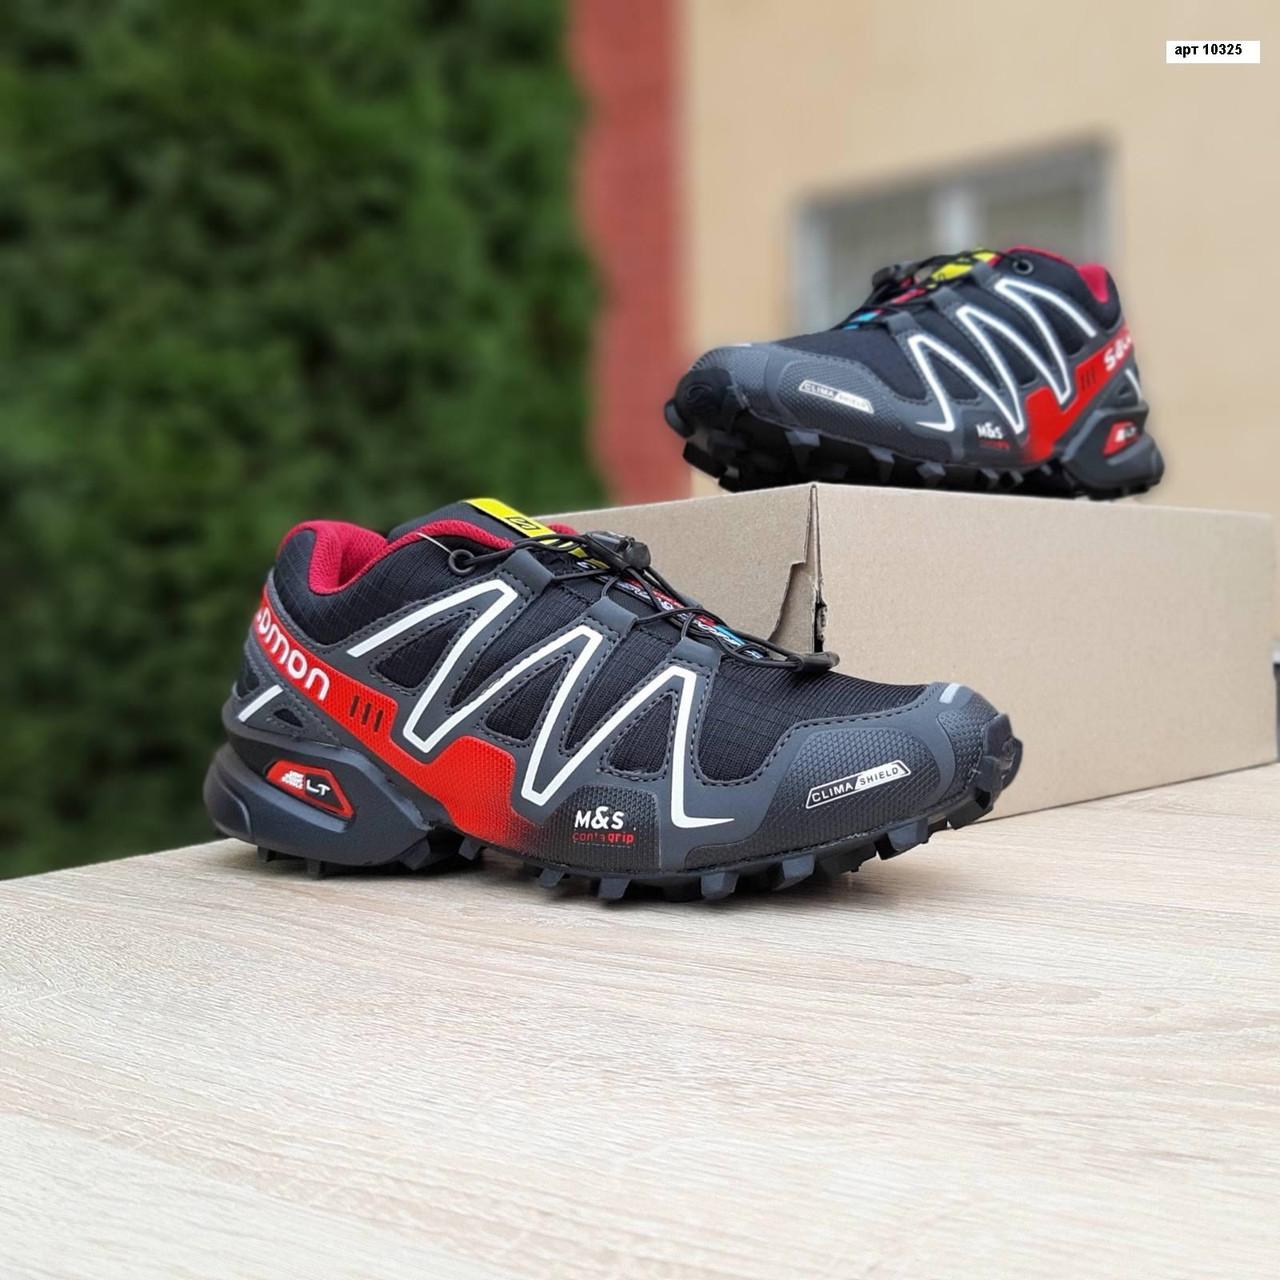 Чоловічі кросівки Salomon Speedcross 3 (чорно-червоні) 10325